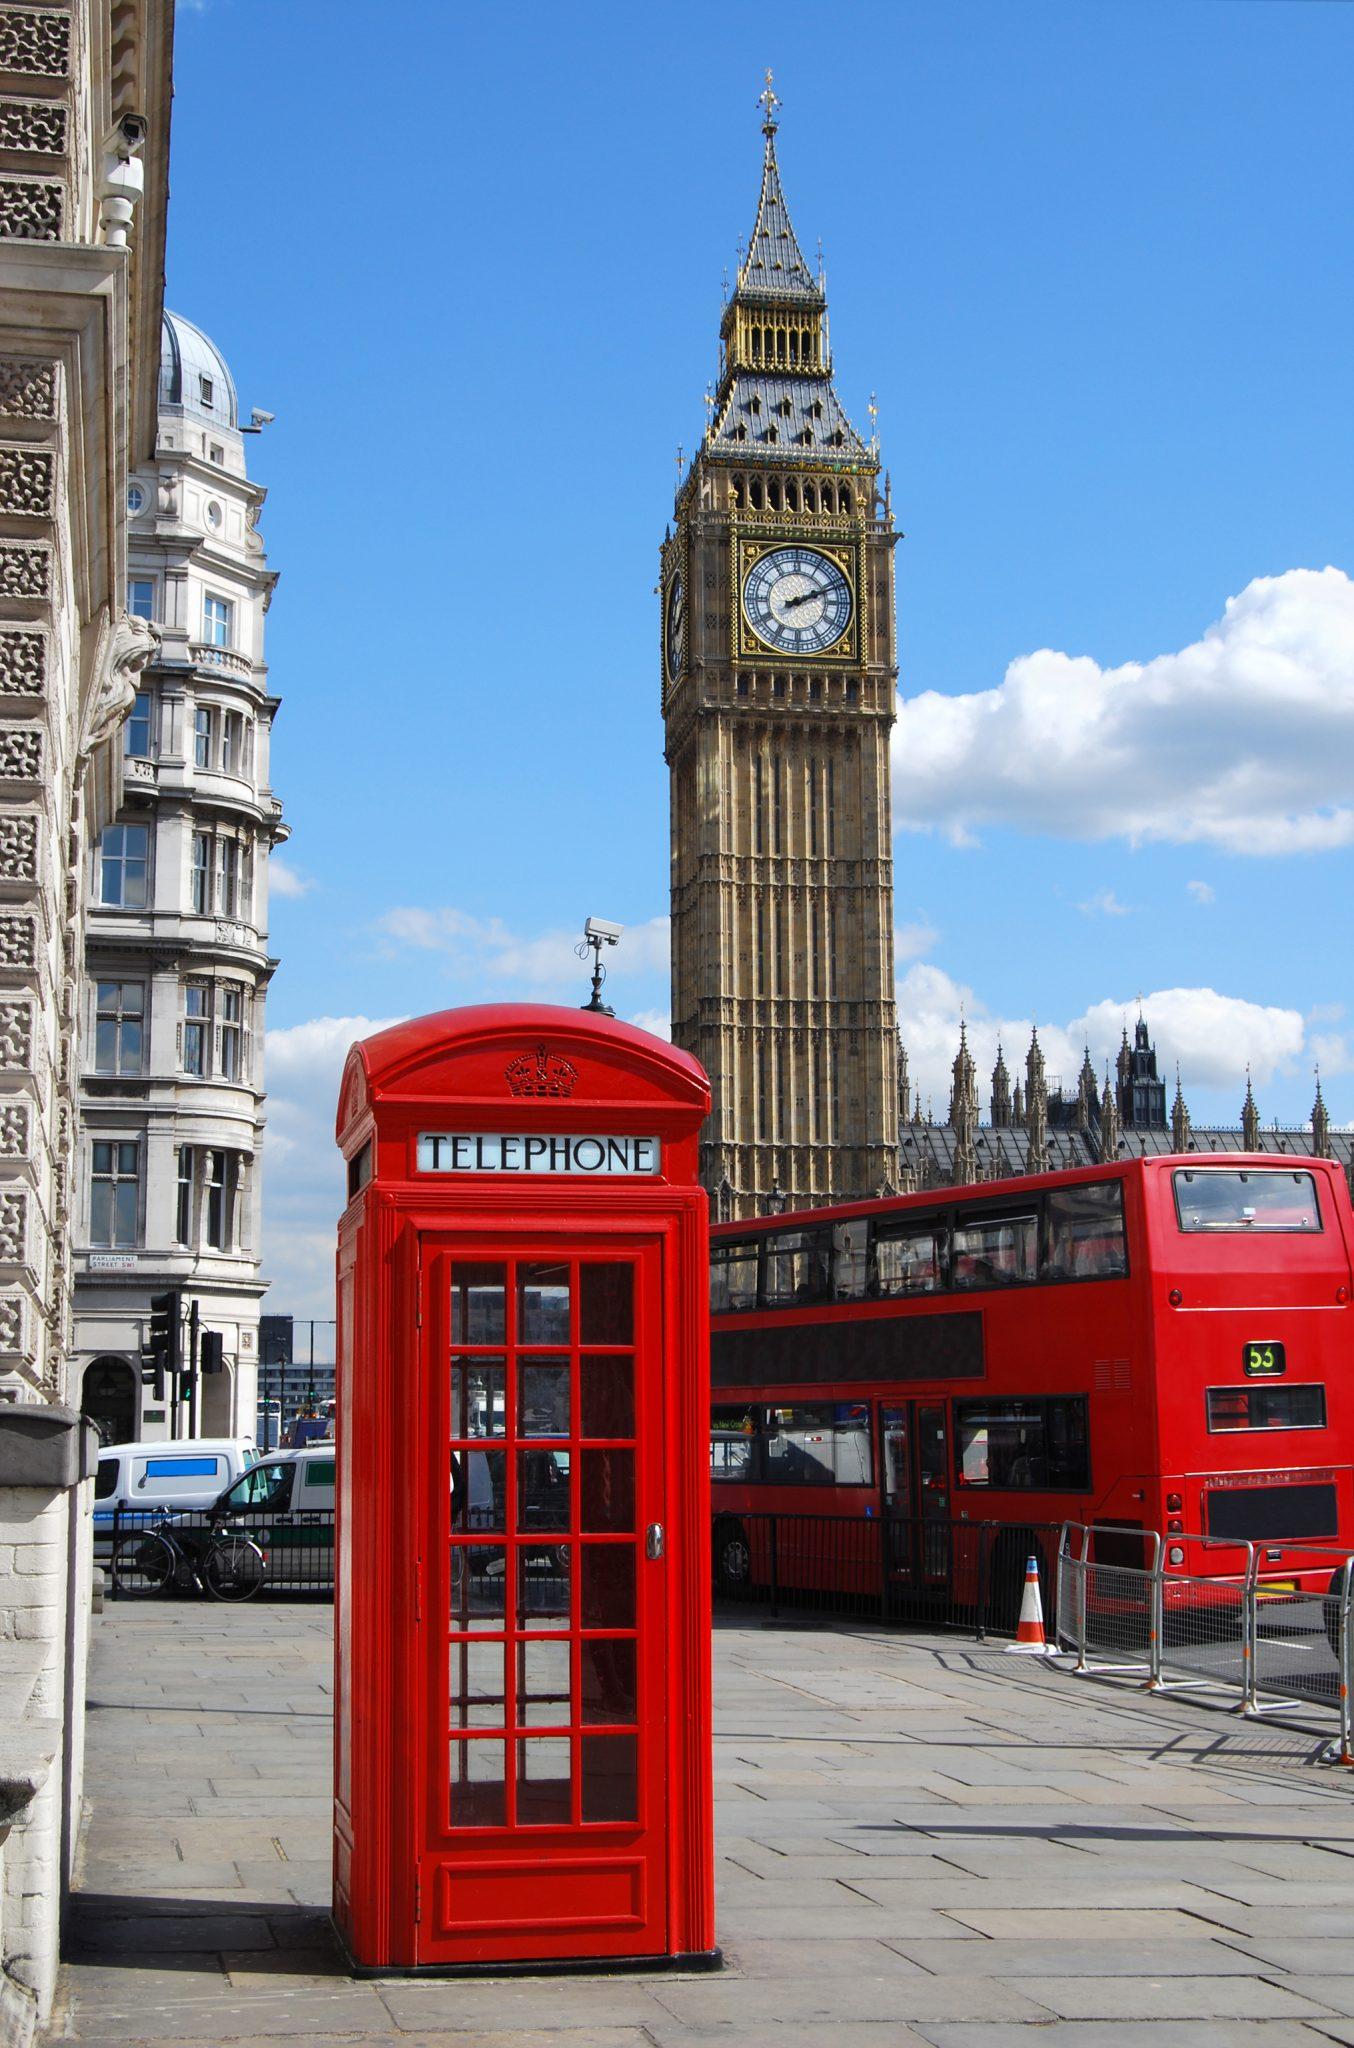 Londen, een populaire stedentripbestemming